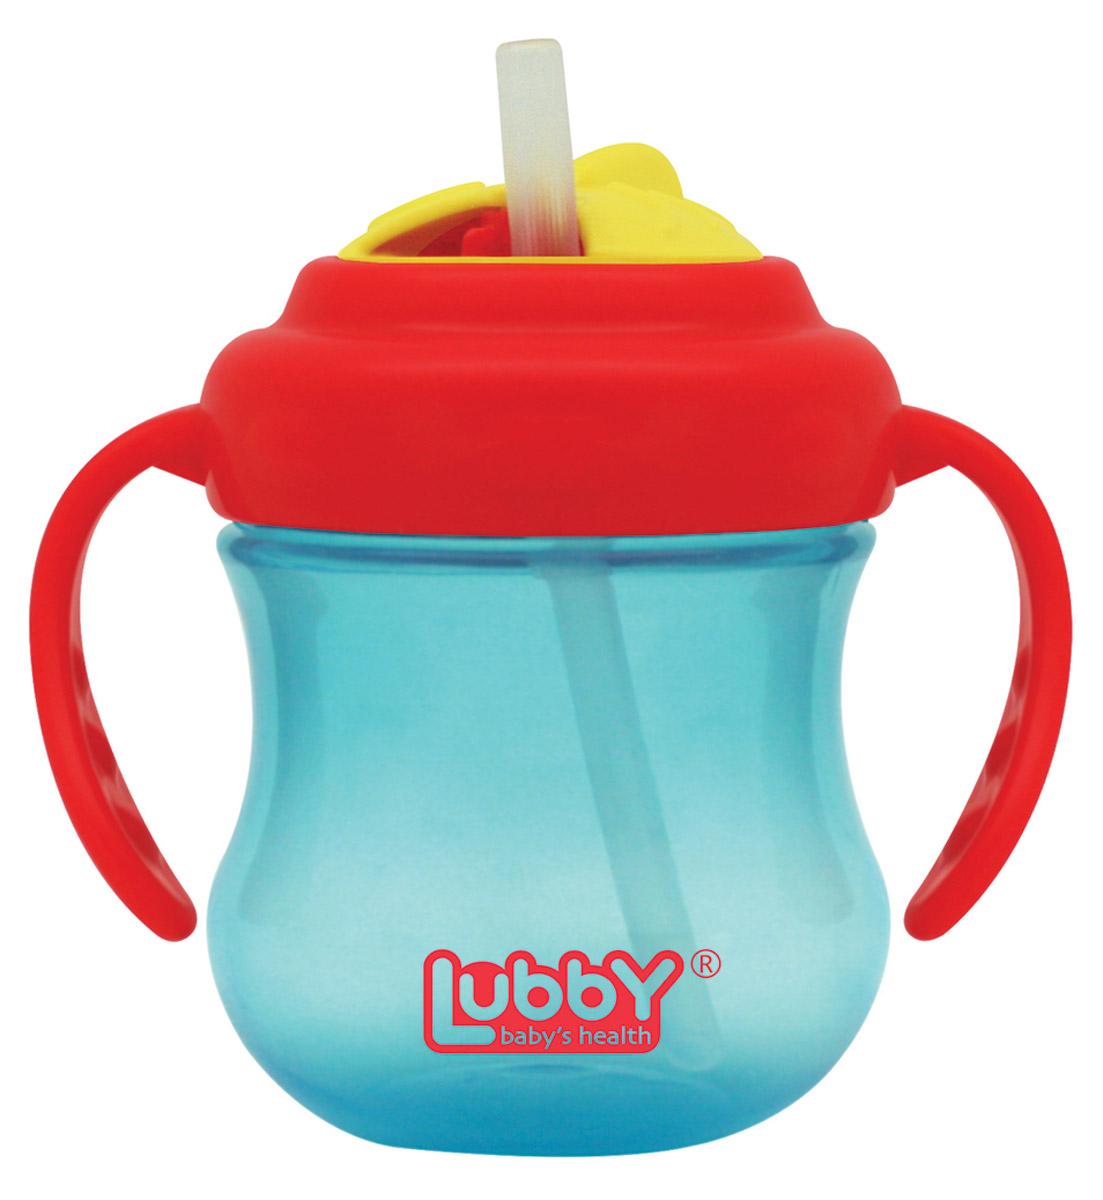 Lubby Поильник-непроливайка Mini Twist с трубочкой от 6 месяцев цвет голубой красный 250 мл -  Поильники